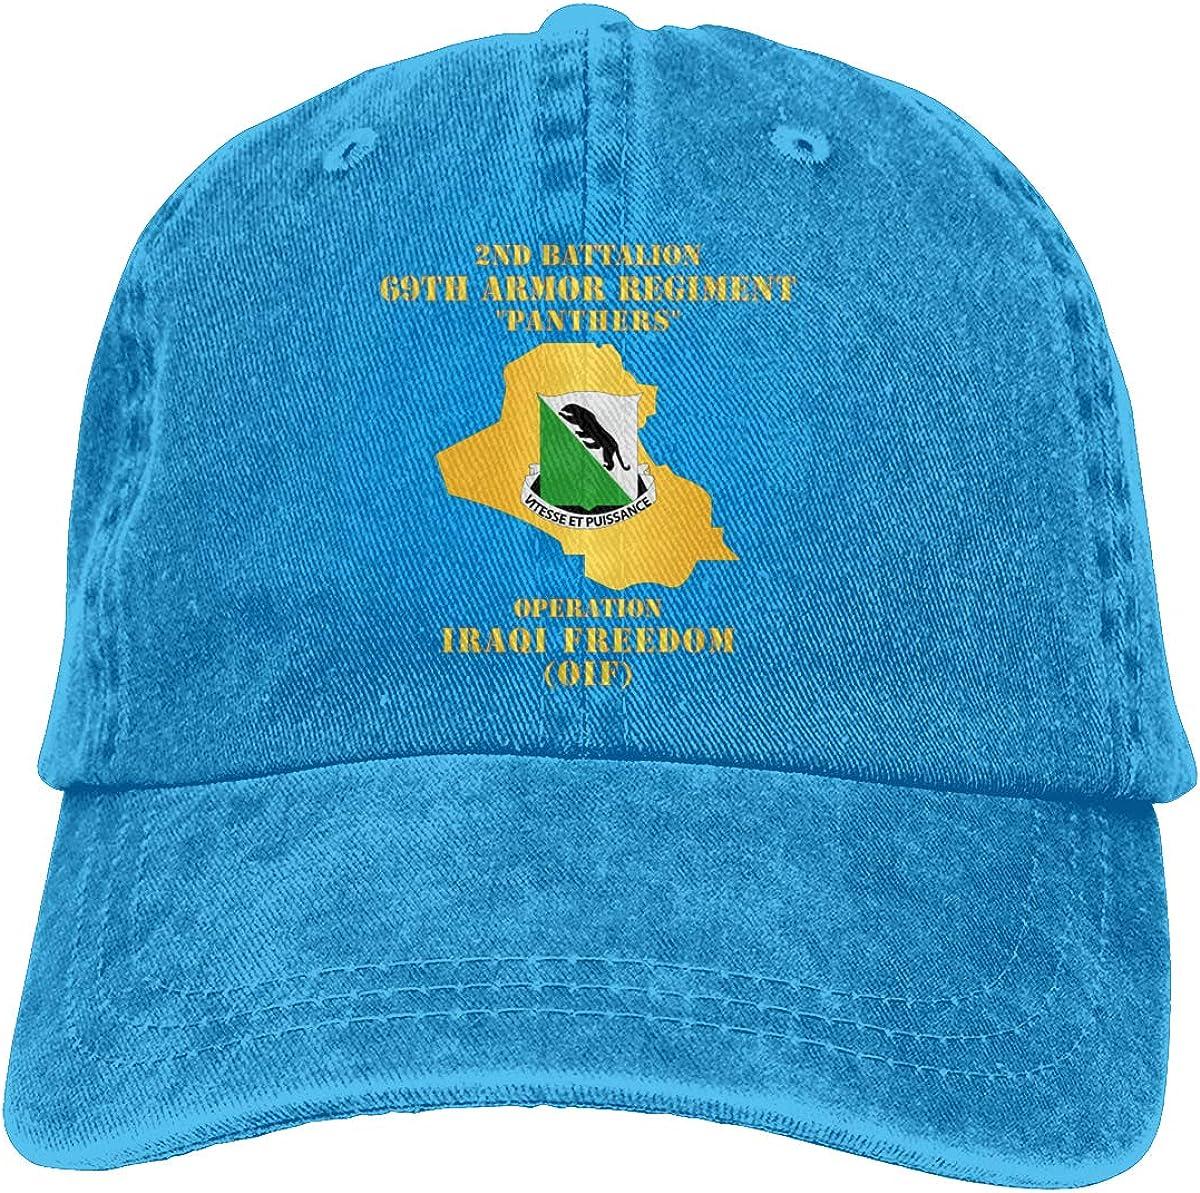 Unisex 2nd Bn 69th Armor REGT Vintage Washed Distressed Cotton Baseball Cap Adjustable Denim Dad Hat